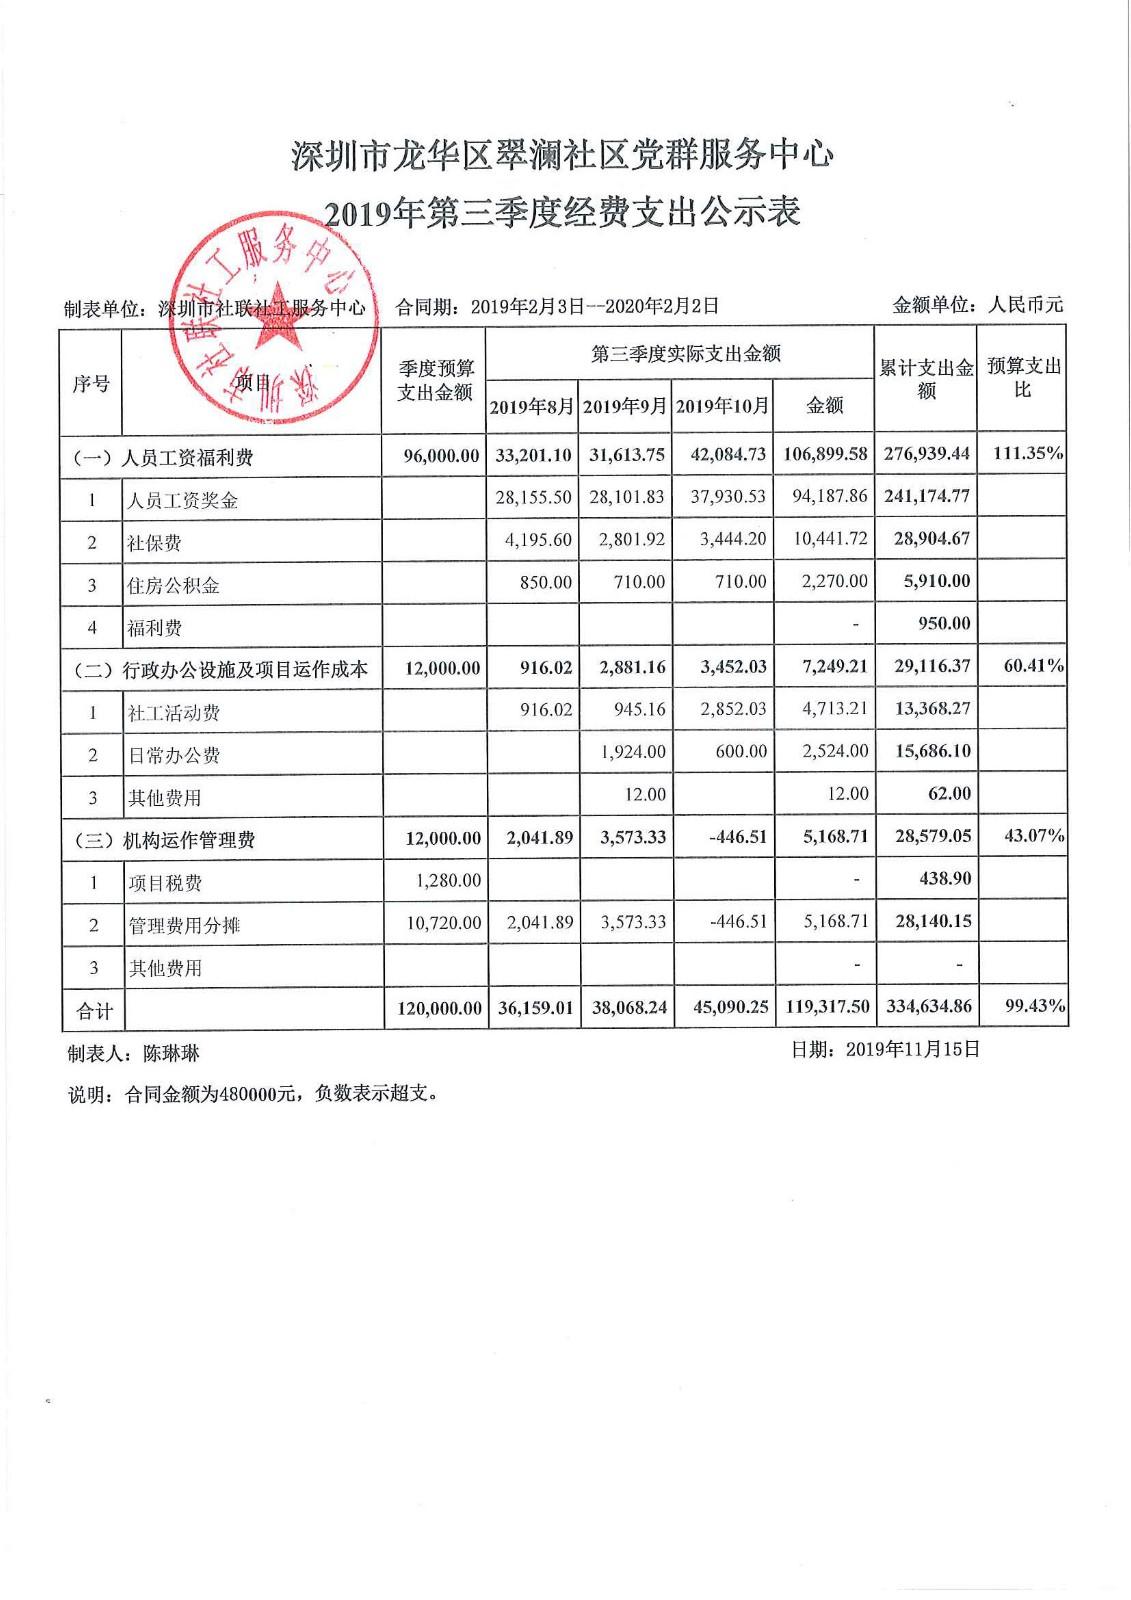 2019年第三季度翠澜社区支出公示表